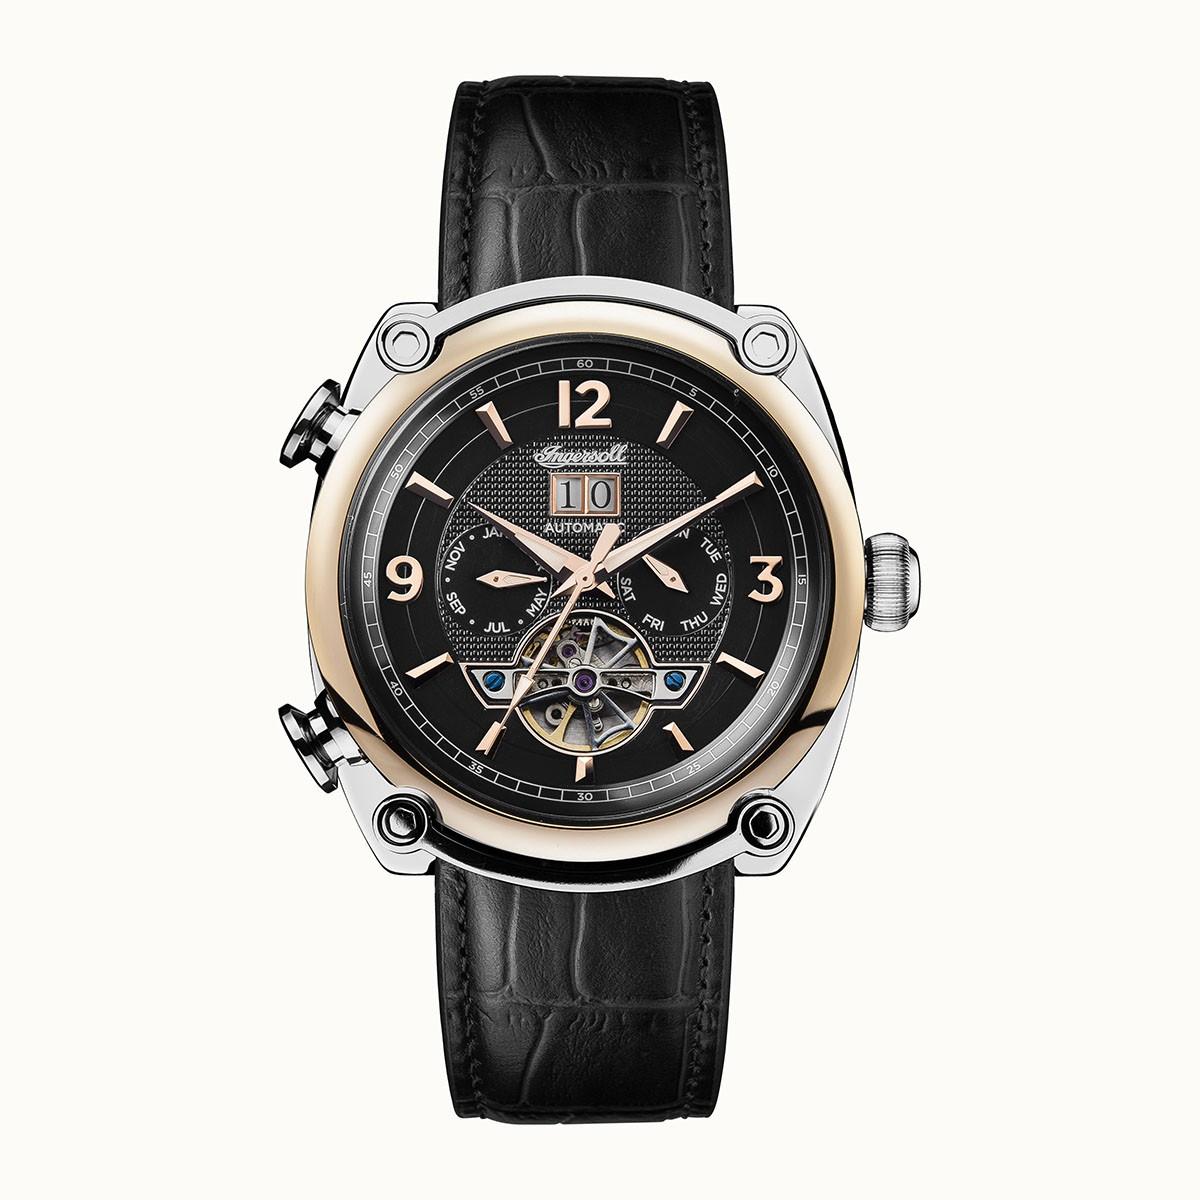 ساعت مچی عقربه ای مردانه اینگرسل مدل I01102 18